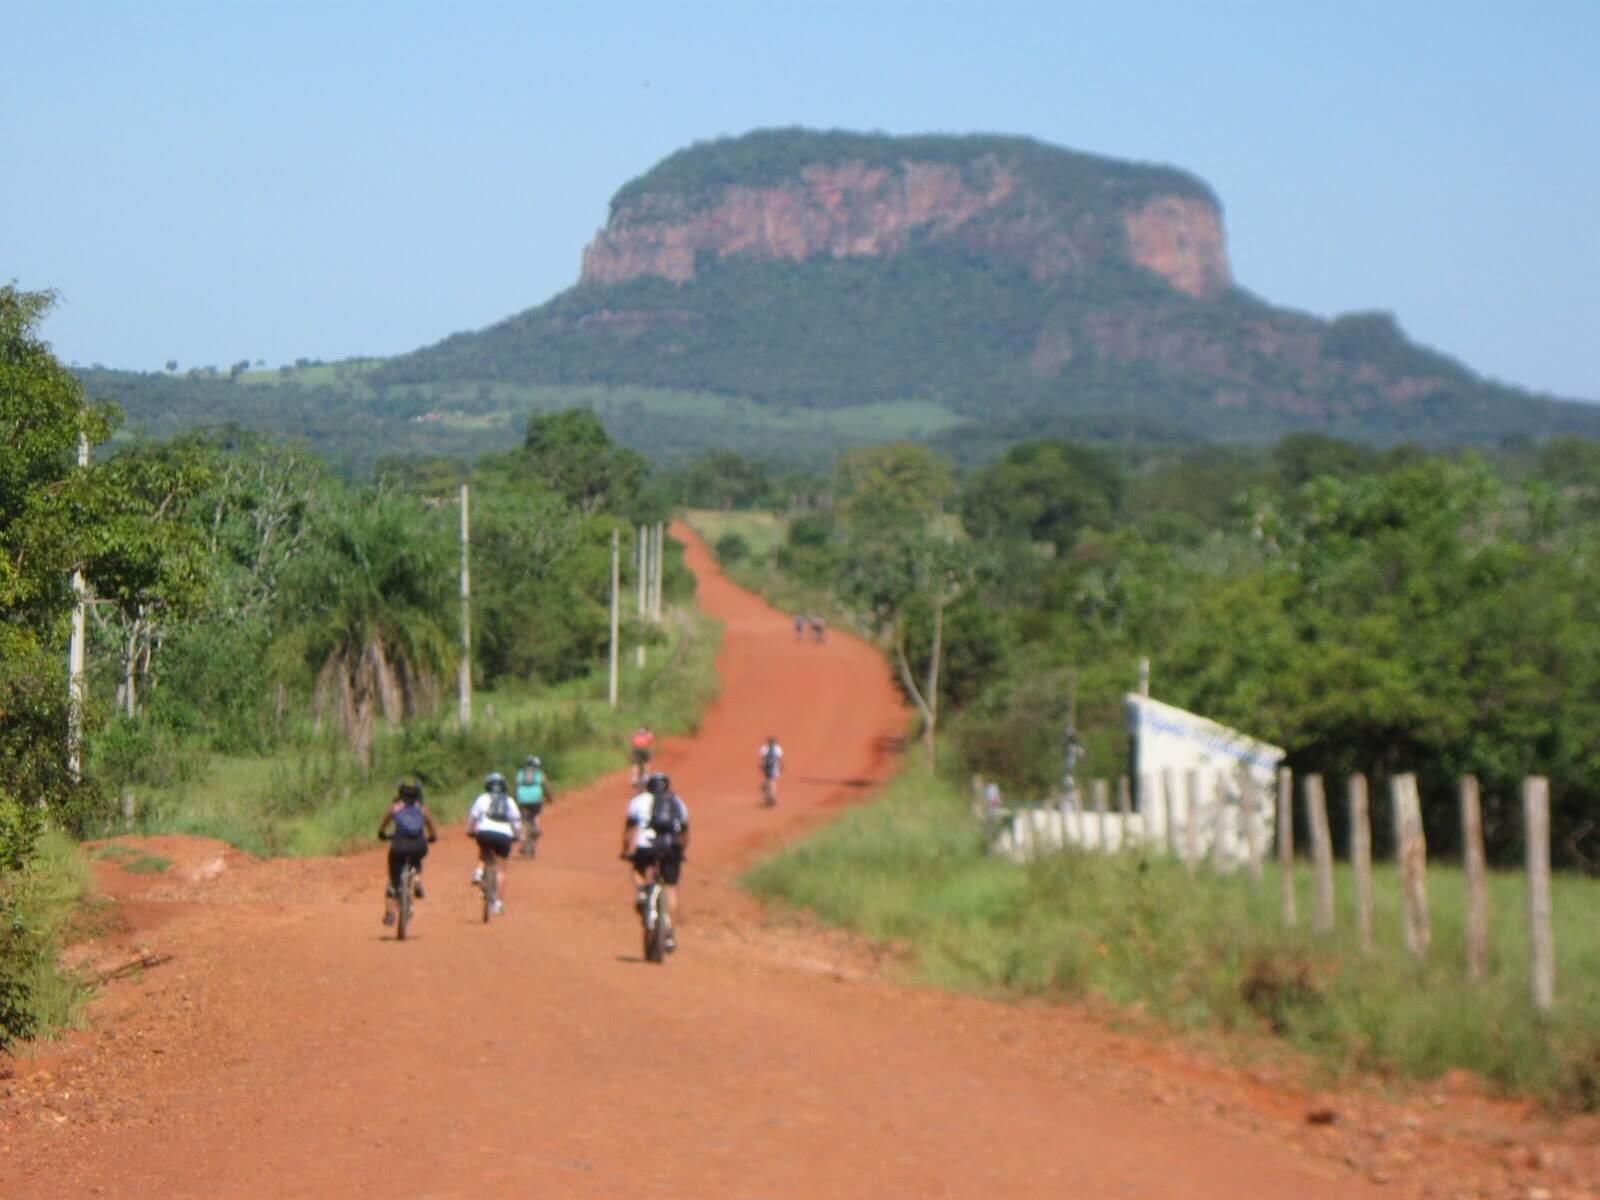 O Morro do Paxixi, em Aquidauana, distante 140 km de Campo Grande, uma das opções de destino turístico em Mato Grosso do Sul para fazer de carro (Foto: Reprodução)